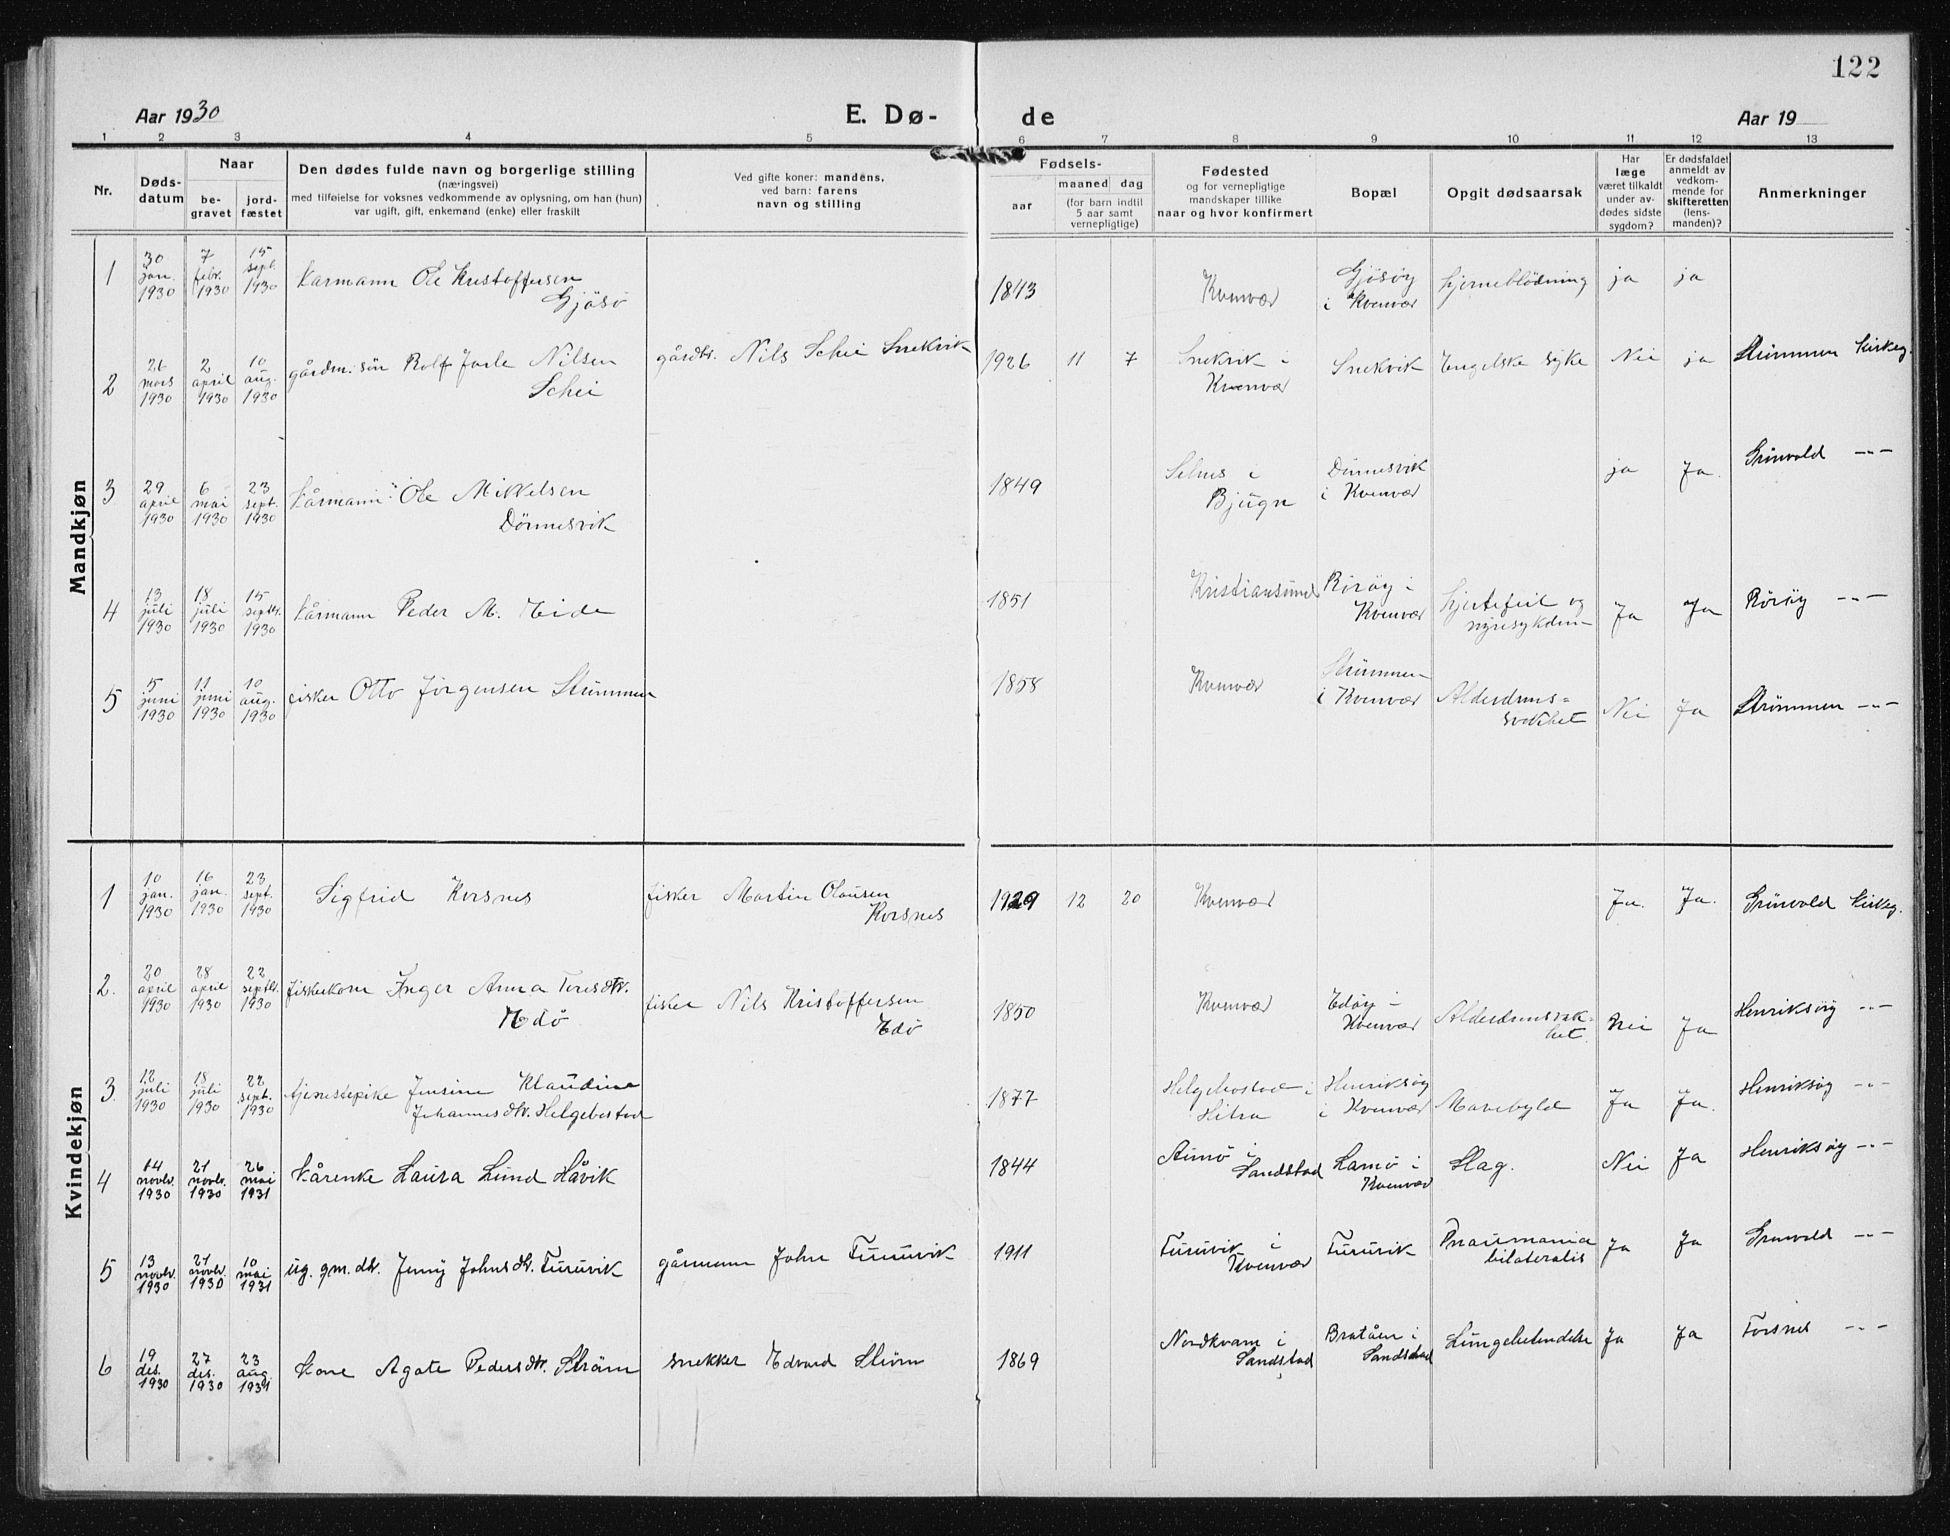 SAT, Ministerialprotokoller, klokkerbøker og fødselsregistre - Sør-Trøndelag, 635/L0554: Klokkerbok nr. 635C02, 1919-1942, s. 122